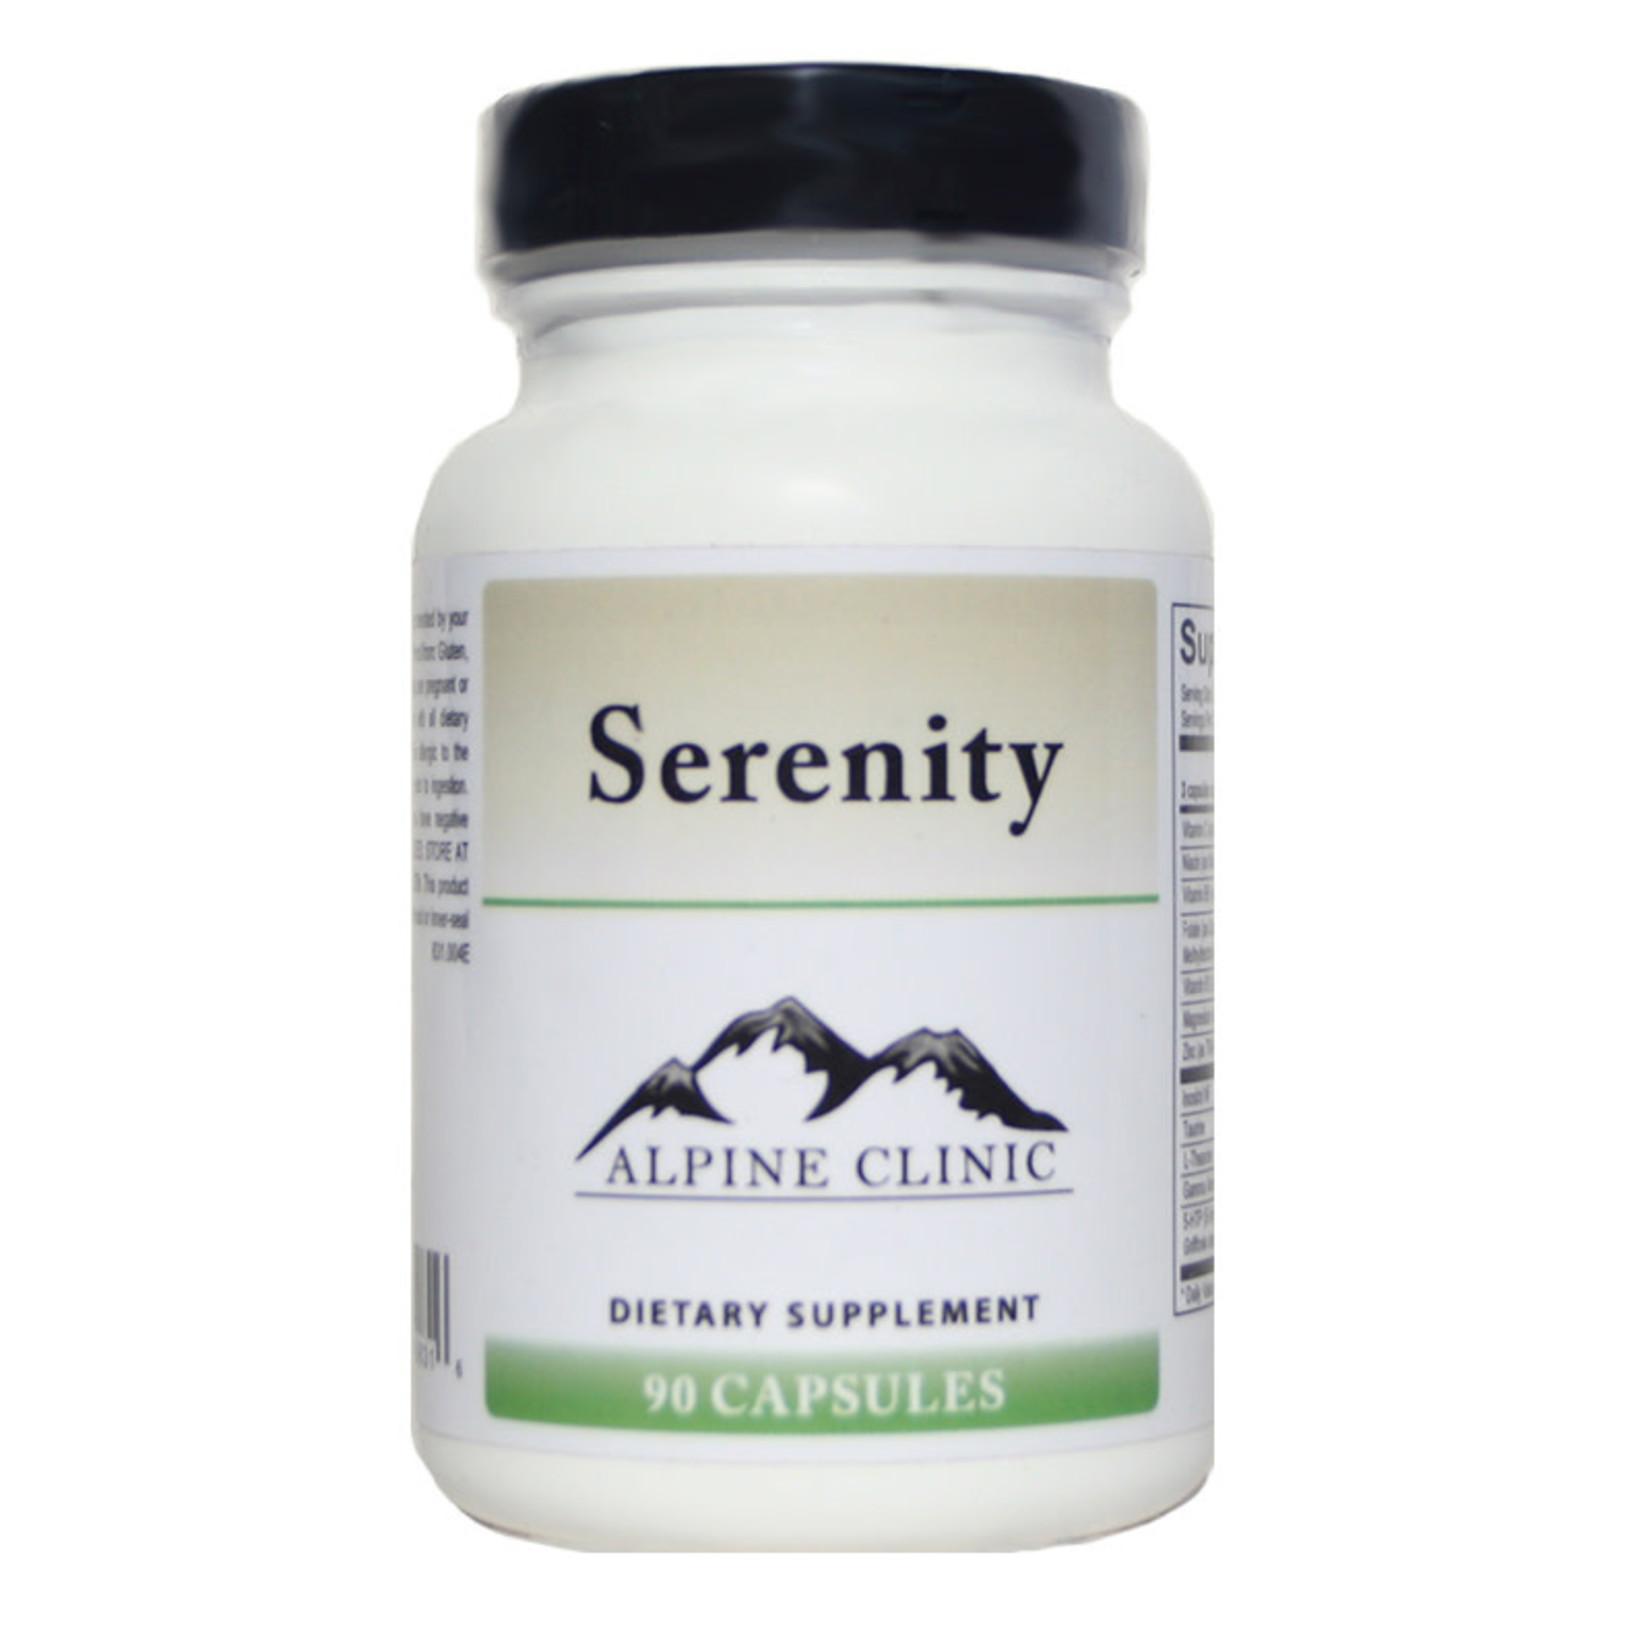 Alpine Clinic Private Label Serenity